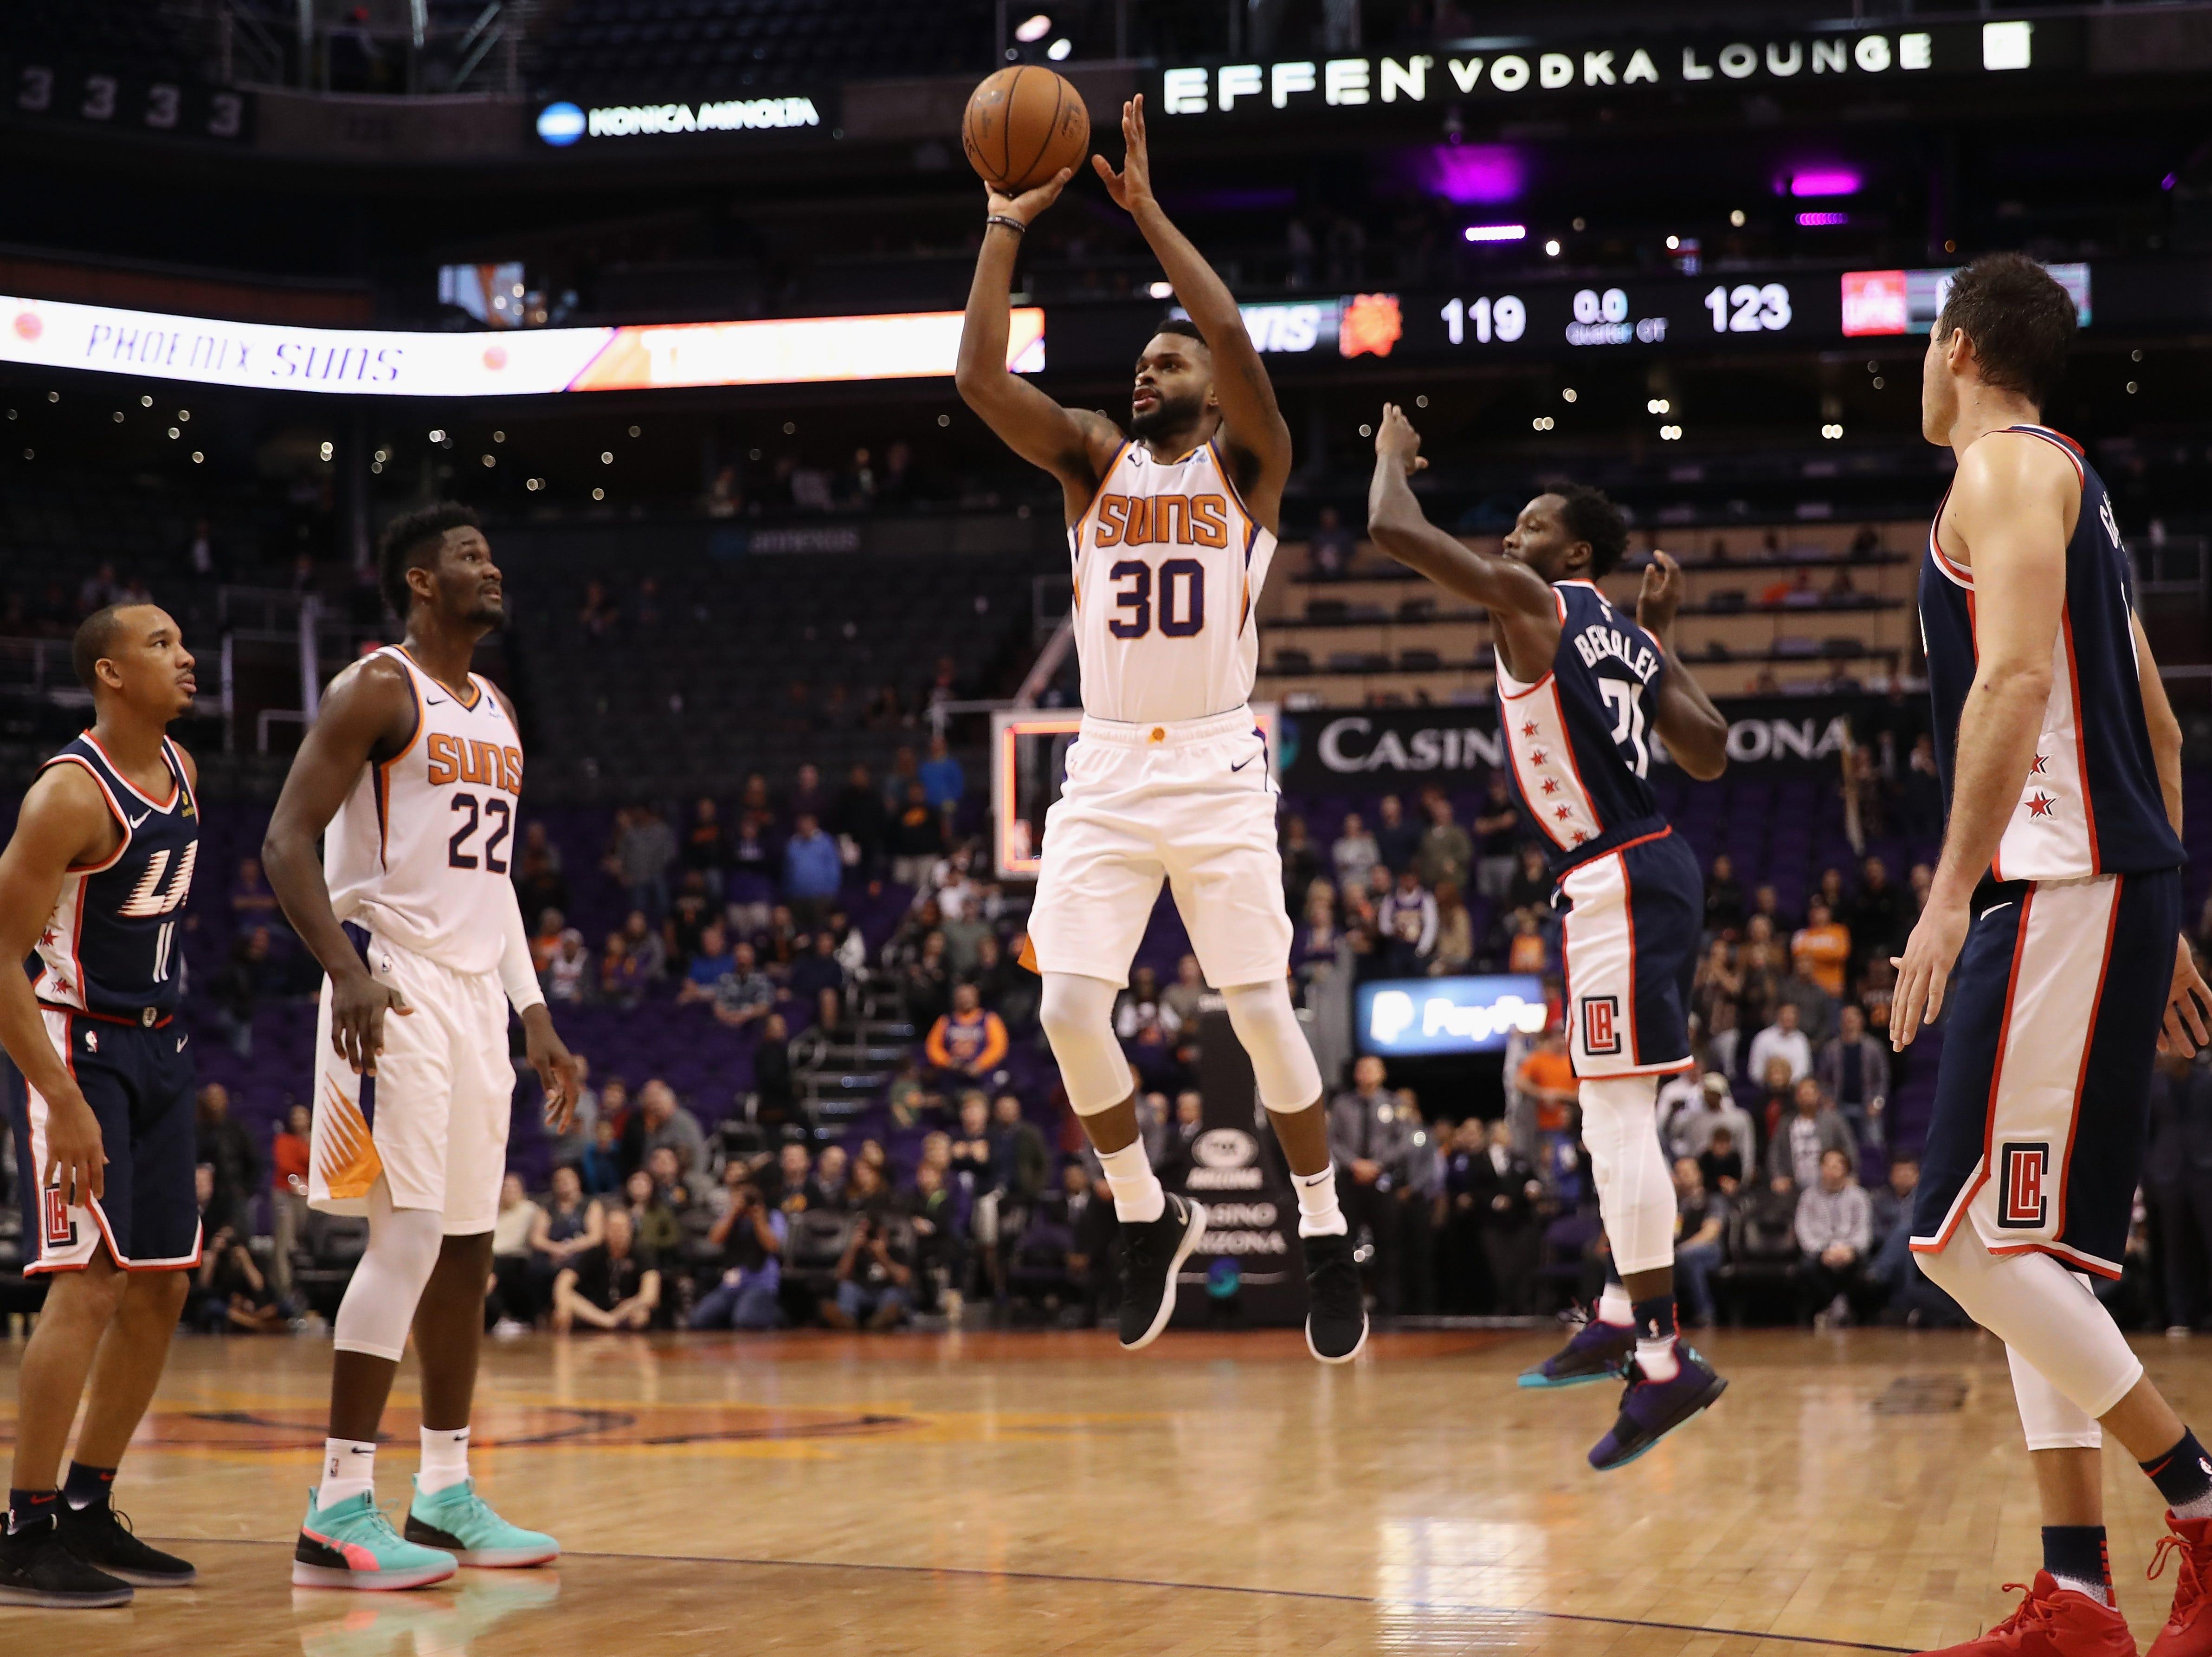 Acciones del partido entre los Phoenix Suns y Los Ángeles Clippers celebrado el 10 de diciembre, de 2018, en la Arena Talking Stick Resort en Phoenix, Arizona. Los Suns cayeron 119-123 en Tiempo Extra.